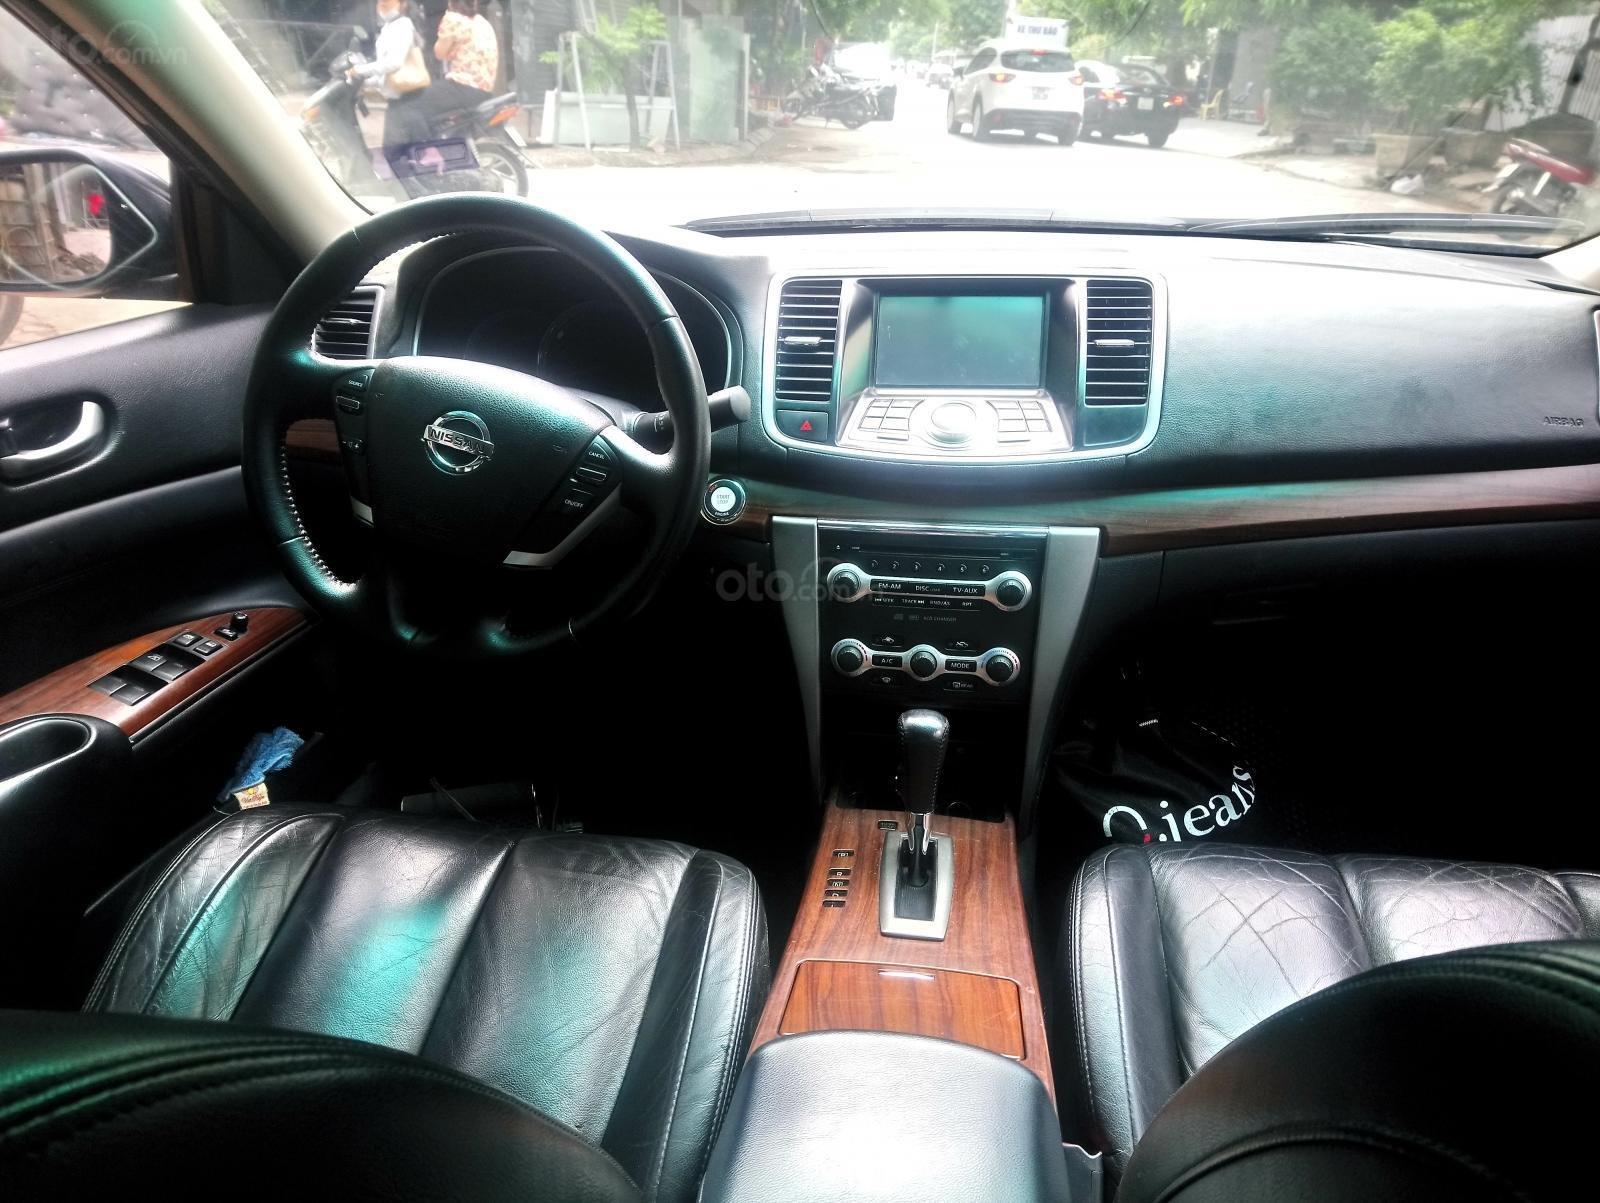 Chính chủ bán xe Nissan Teana 2.0 2010 giá cạnh tranh, xe rất mới (5)